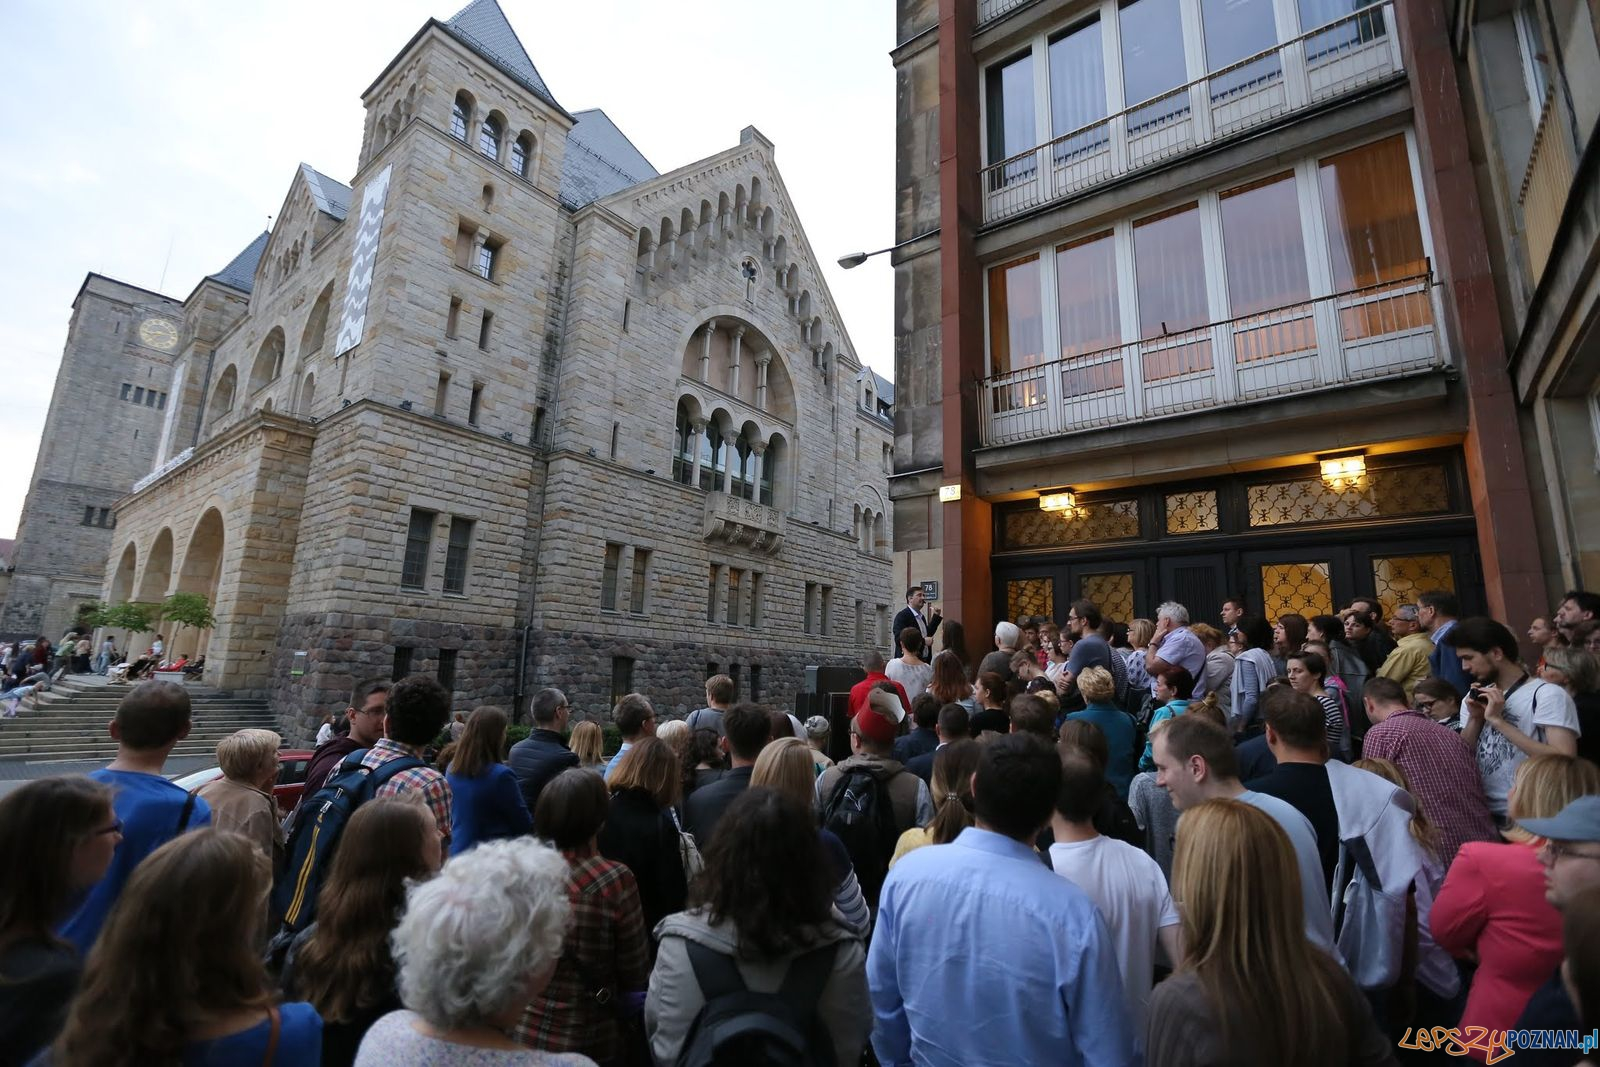 Zamkowa Noc Muzeów (8)  Foto: Maciej Kaczyński  / CK Zamek